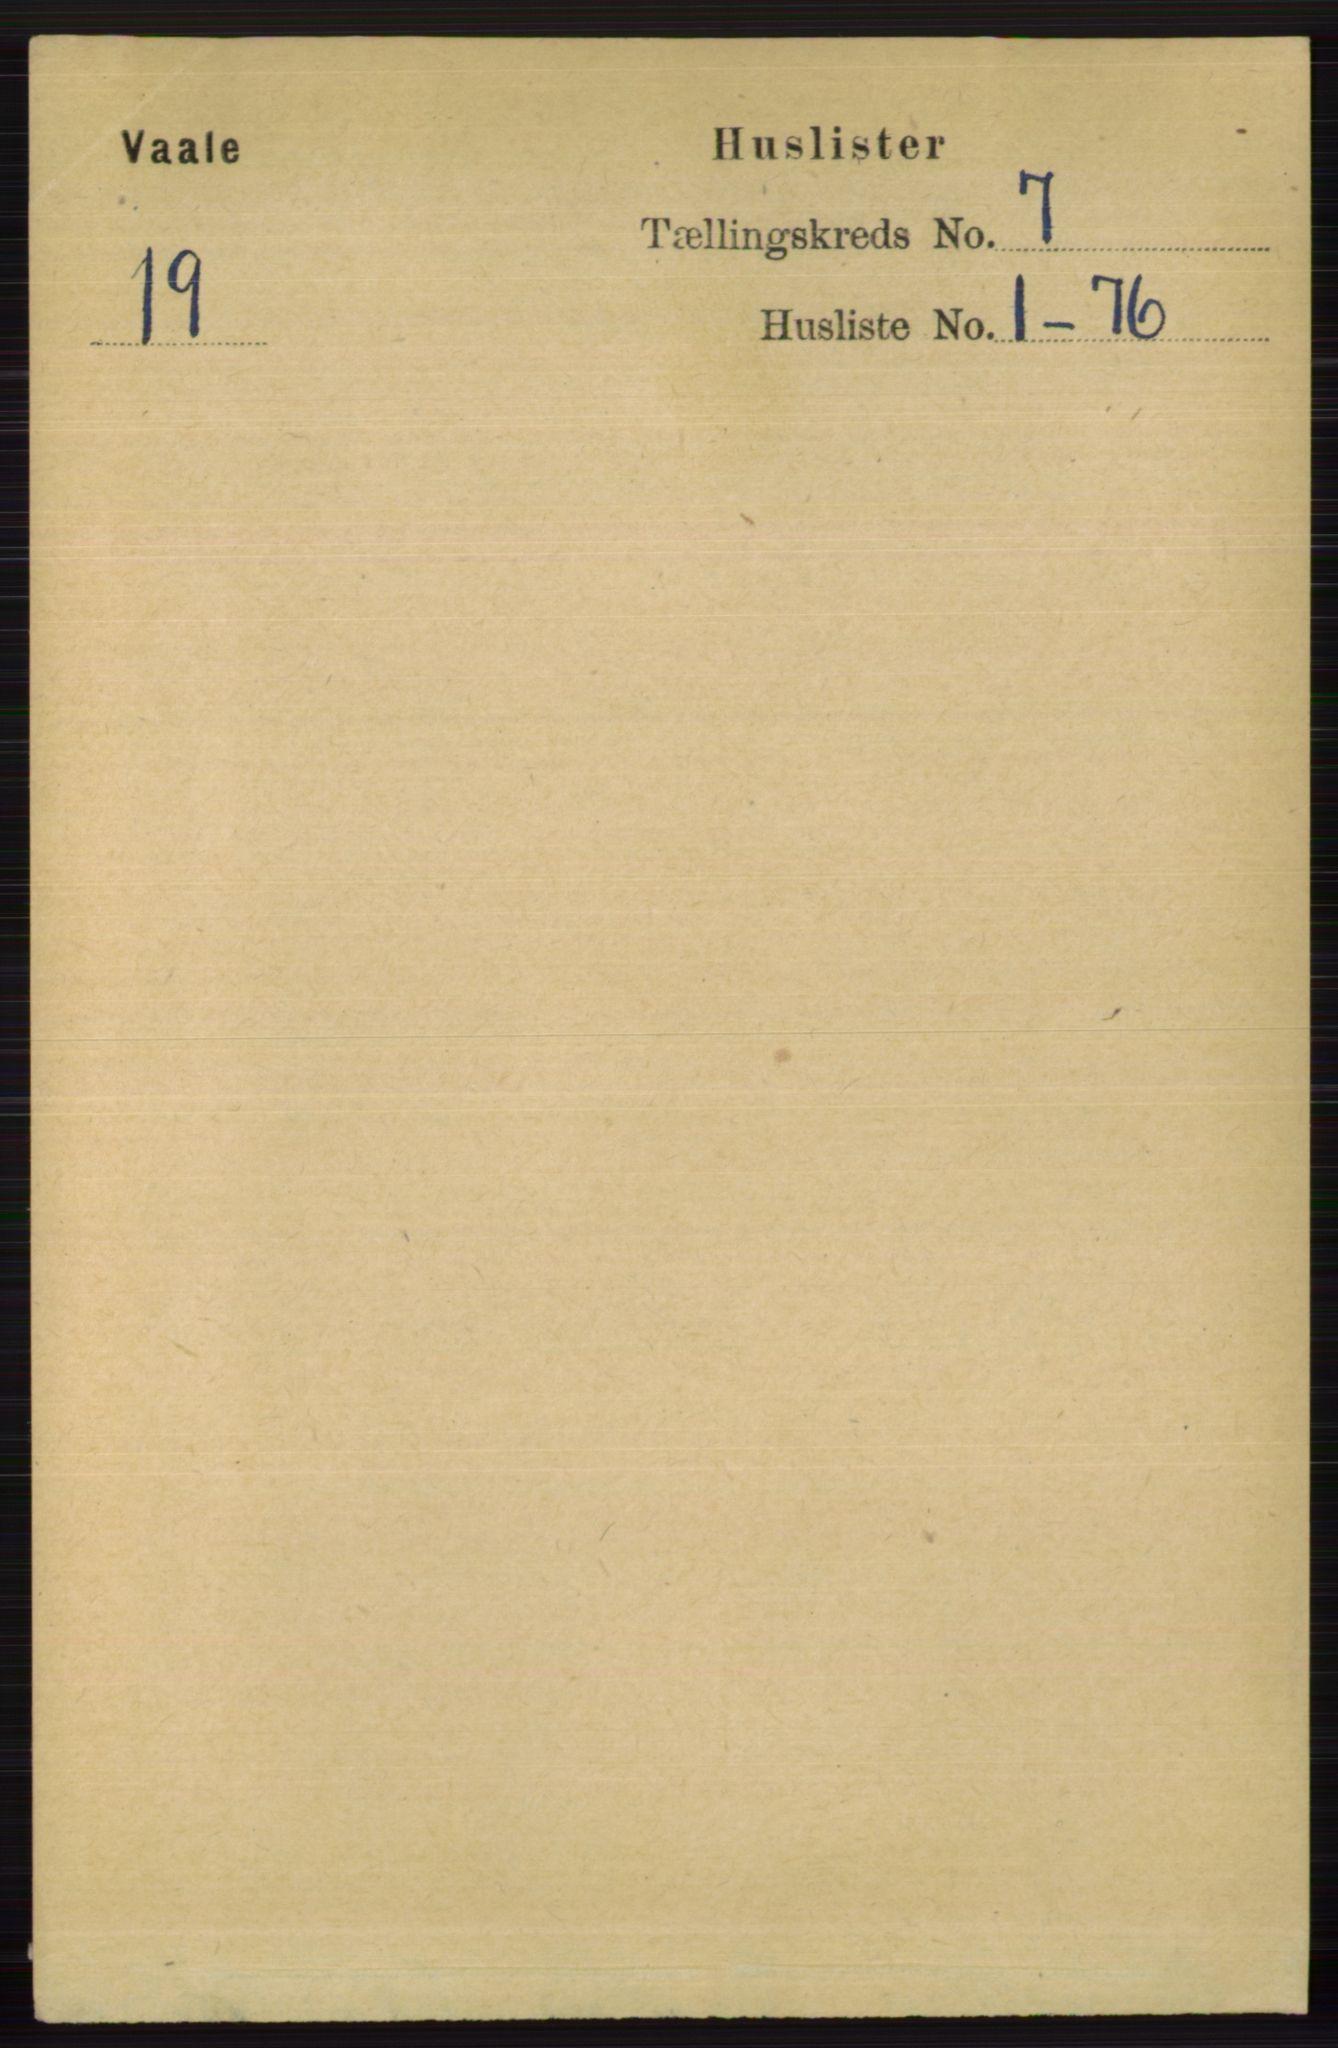 RA, Folketelling 1891 for 0716 Våle herred, 1891, s. 2303